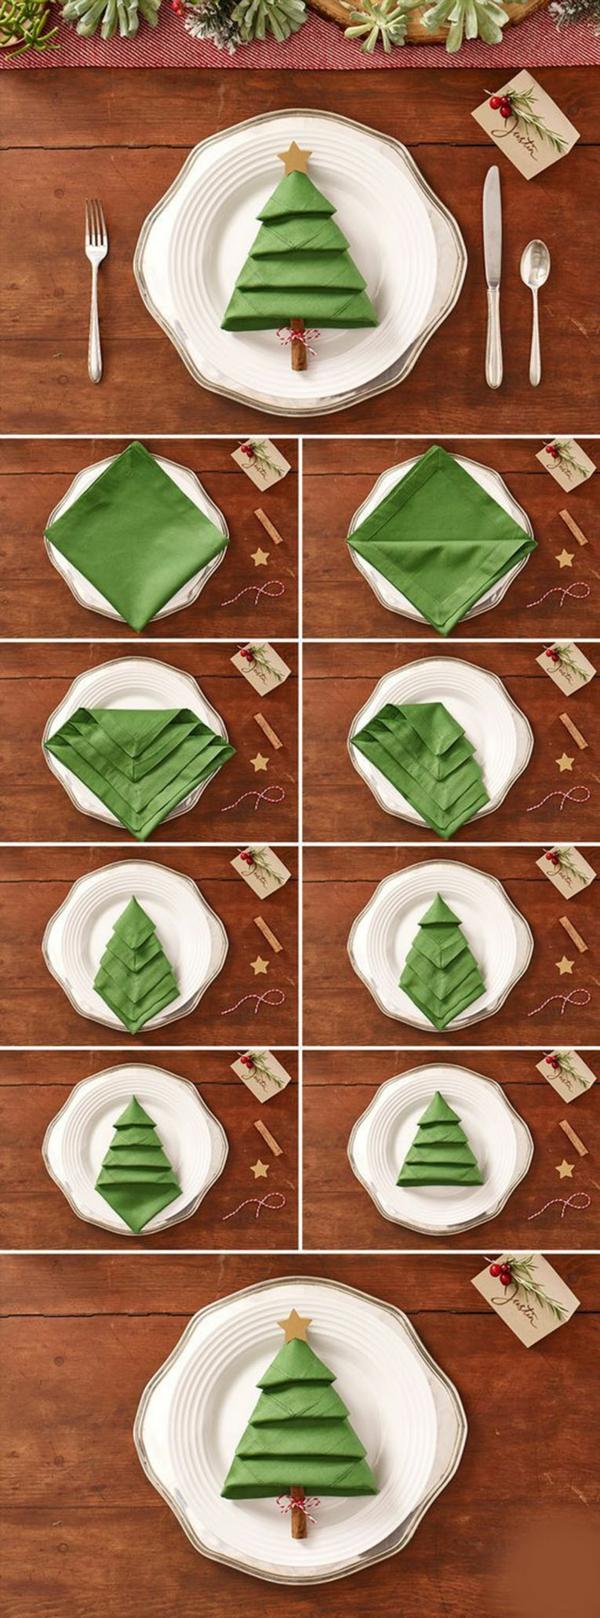 déco table noël à fabriquer pliage serviette